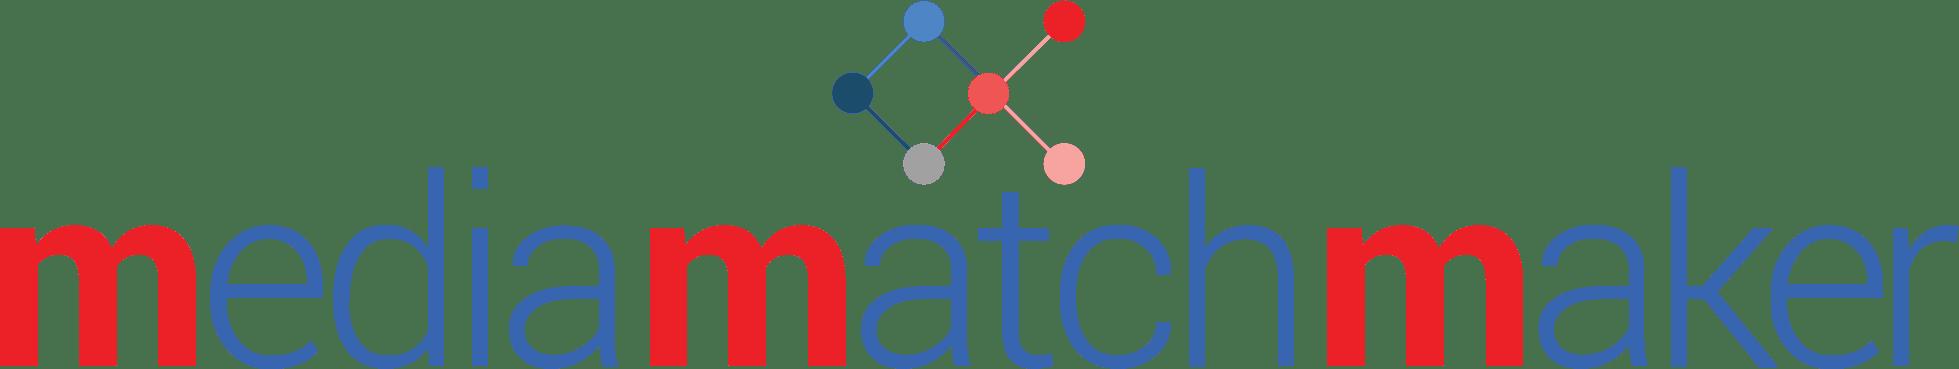 media matchmaker logo PNG Hi Res